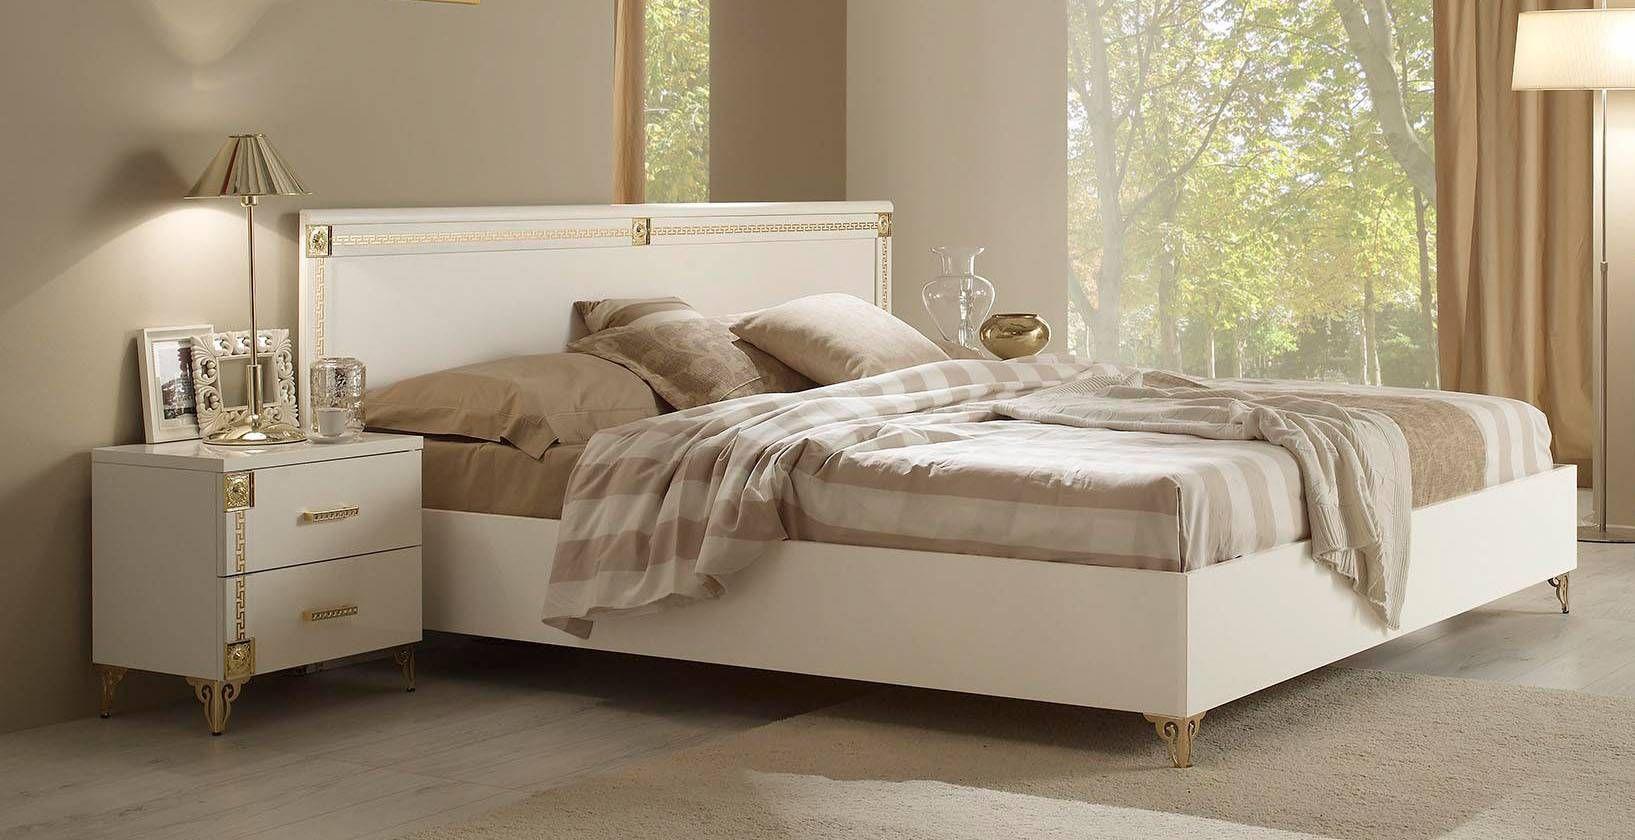 High End Plattform Betten Luxusschlafzimmer